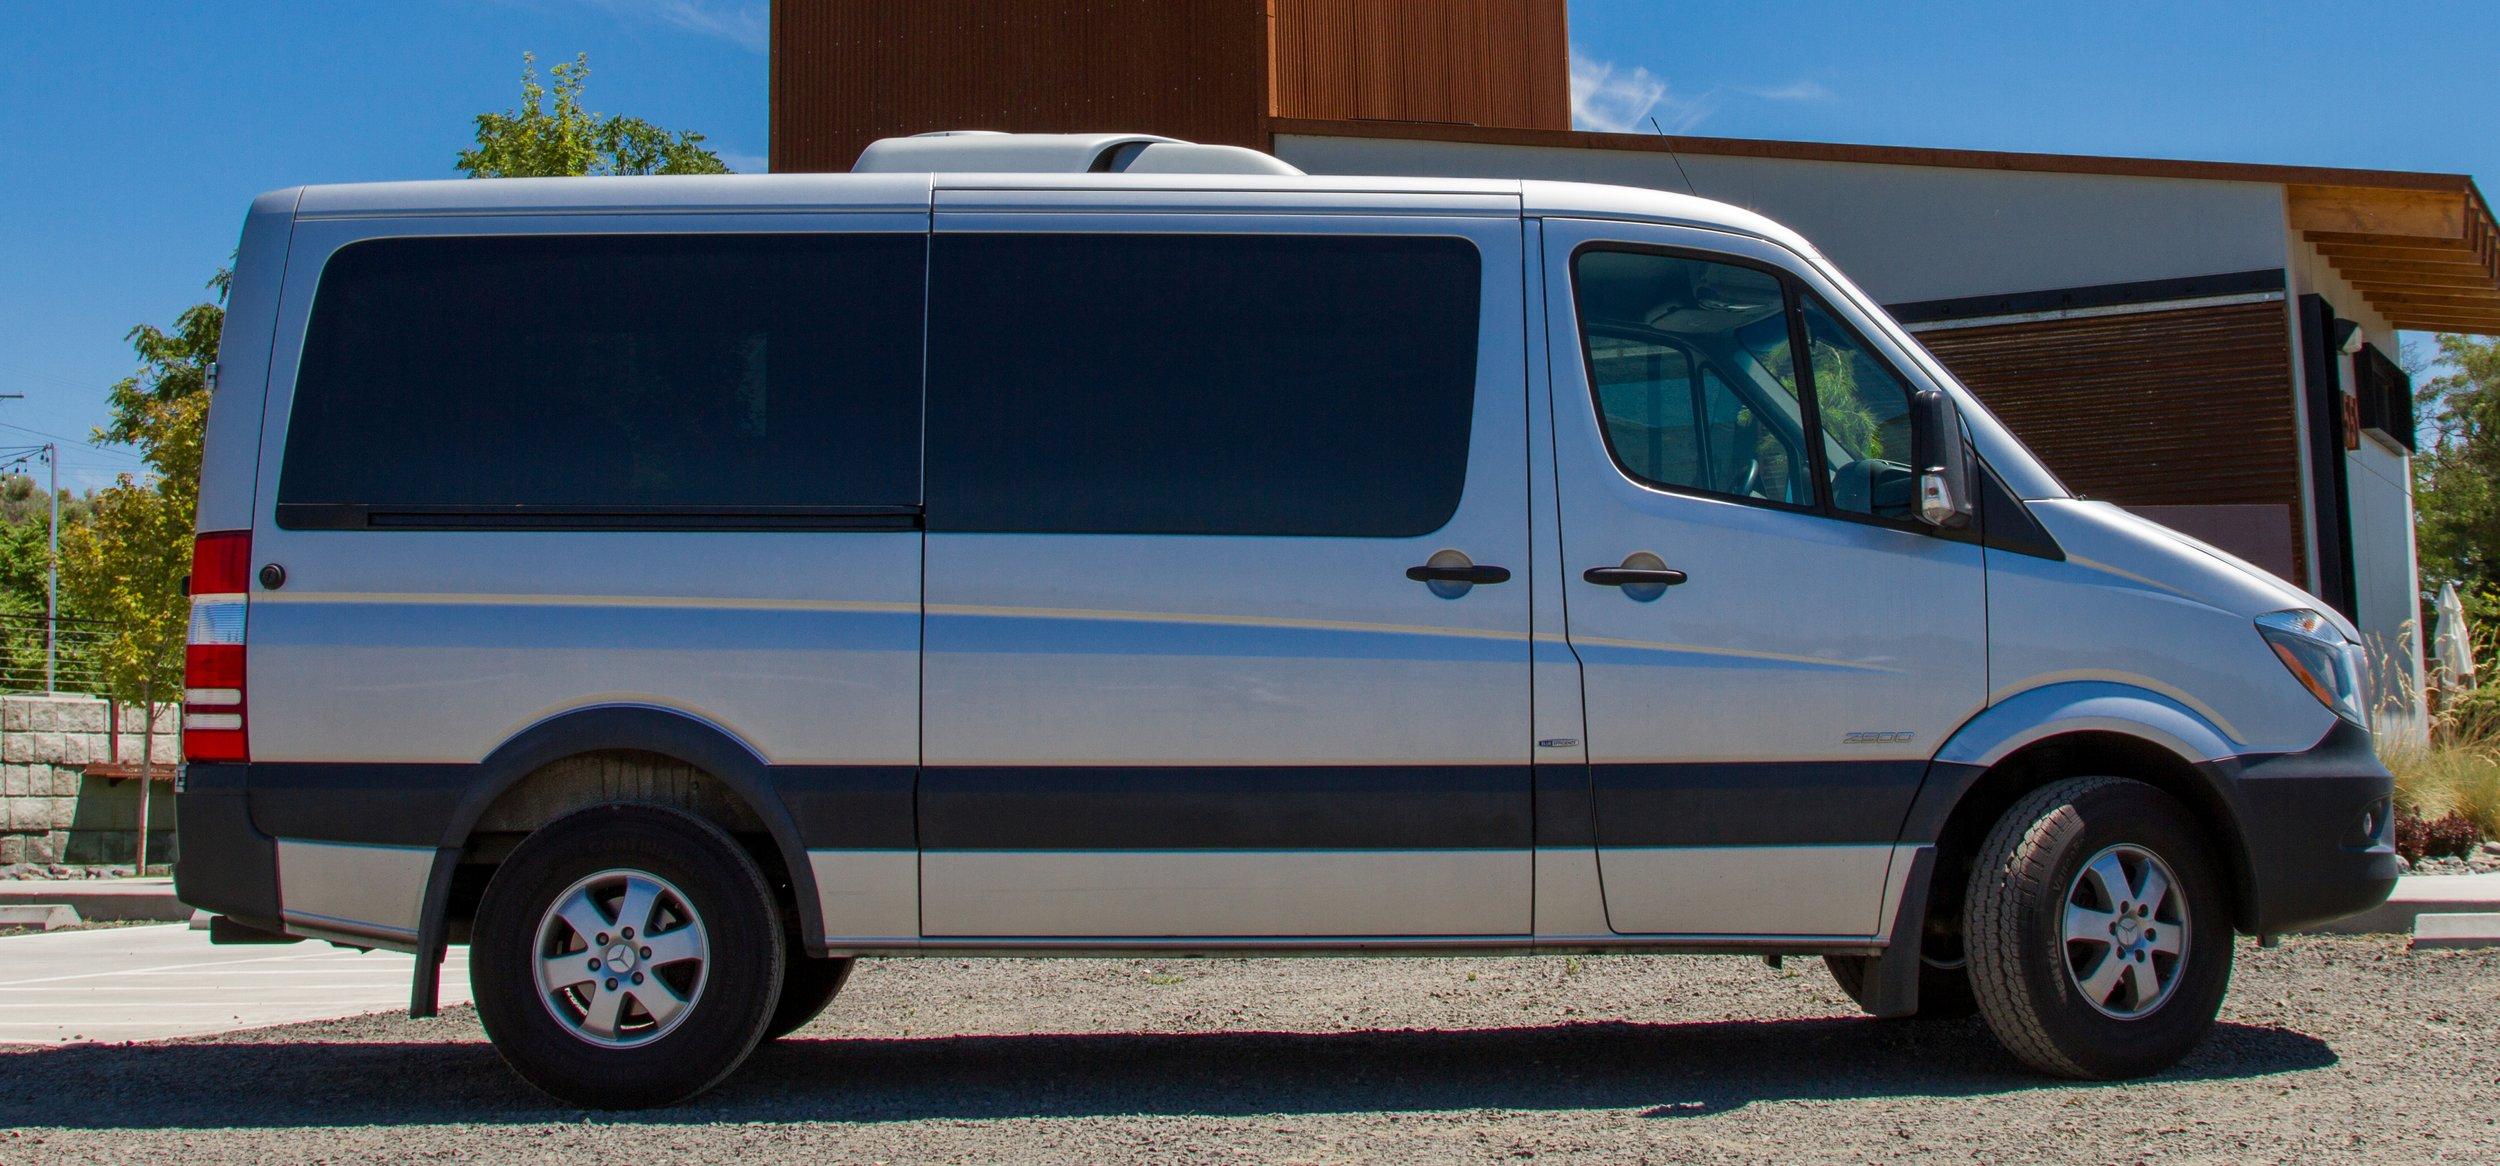 Mercedes-Benz Sprinter Van in front of winery.jpg